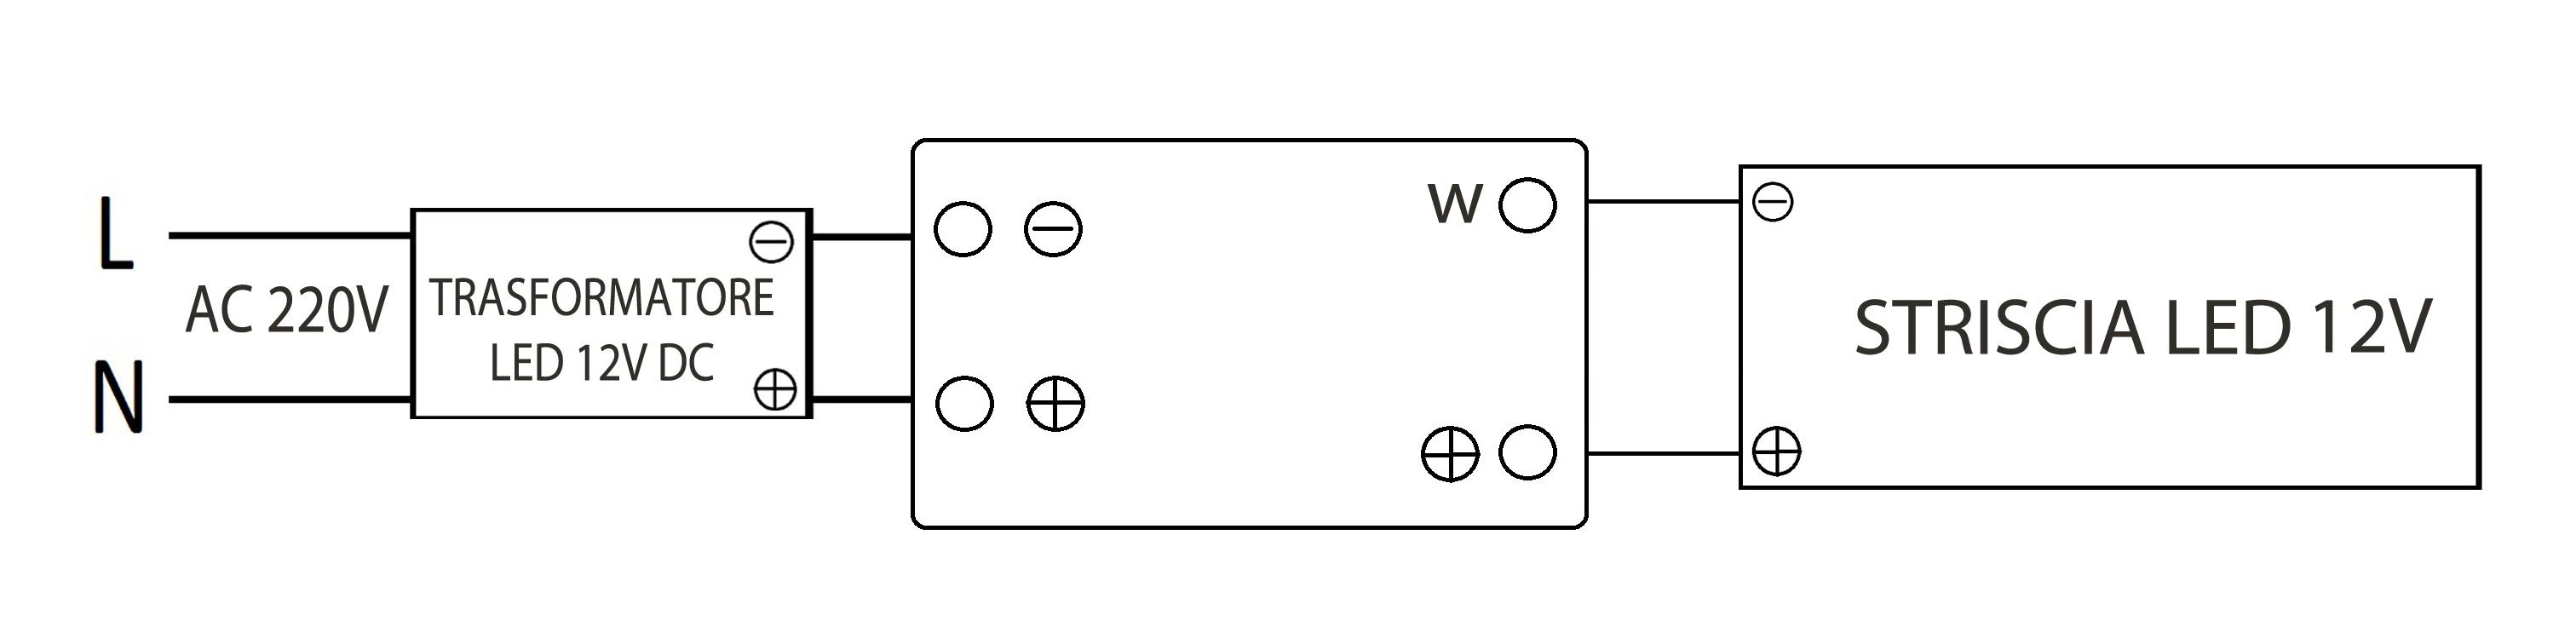 Schema Elettrico Led : Elettronica per principianti led in serie e led in parallelo